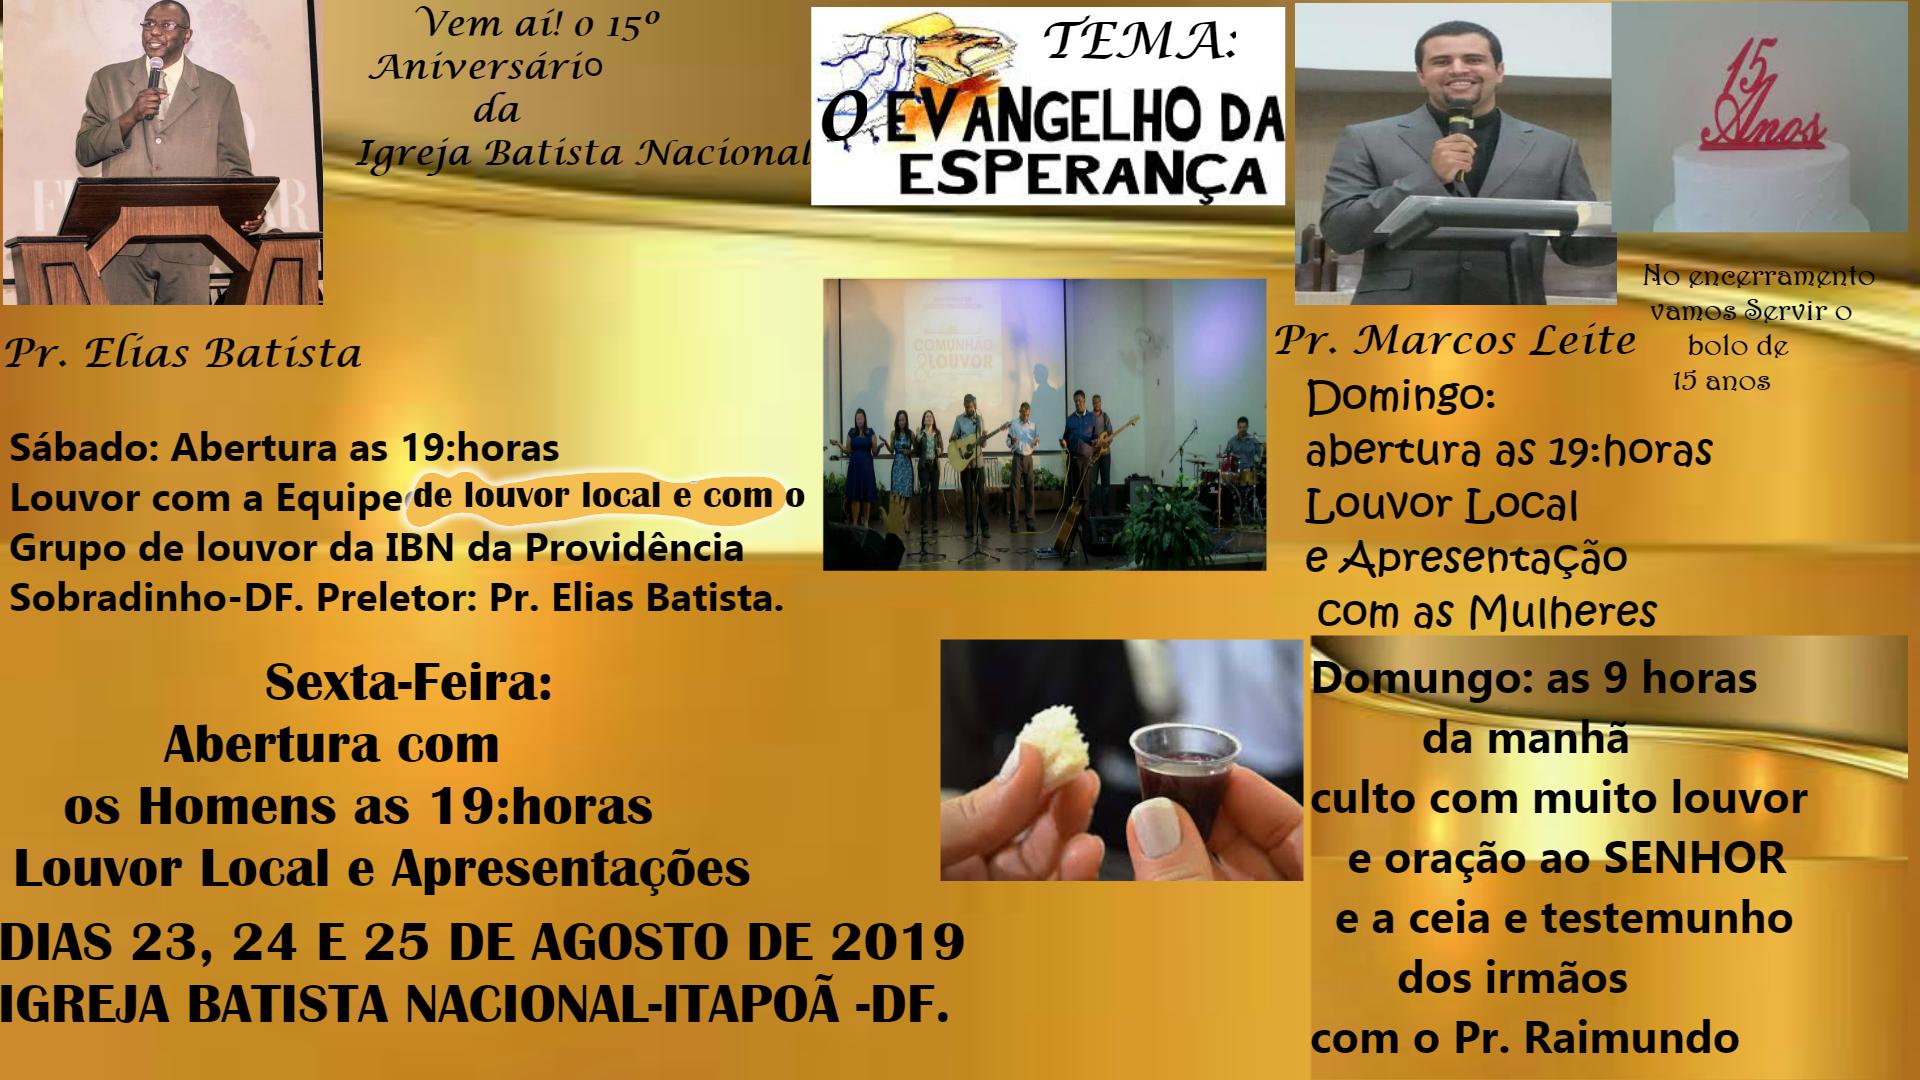 VEM AÍ O 15º ANIVERSÁRIO DA IGREJA PARTICIPE!!